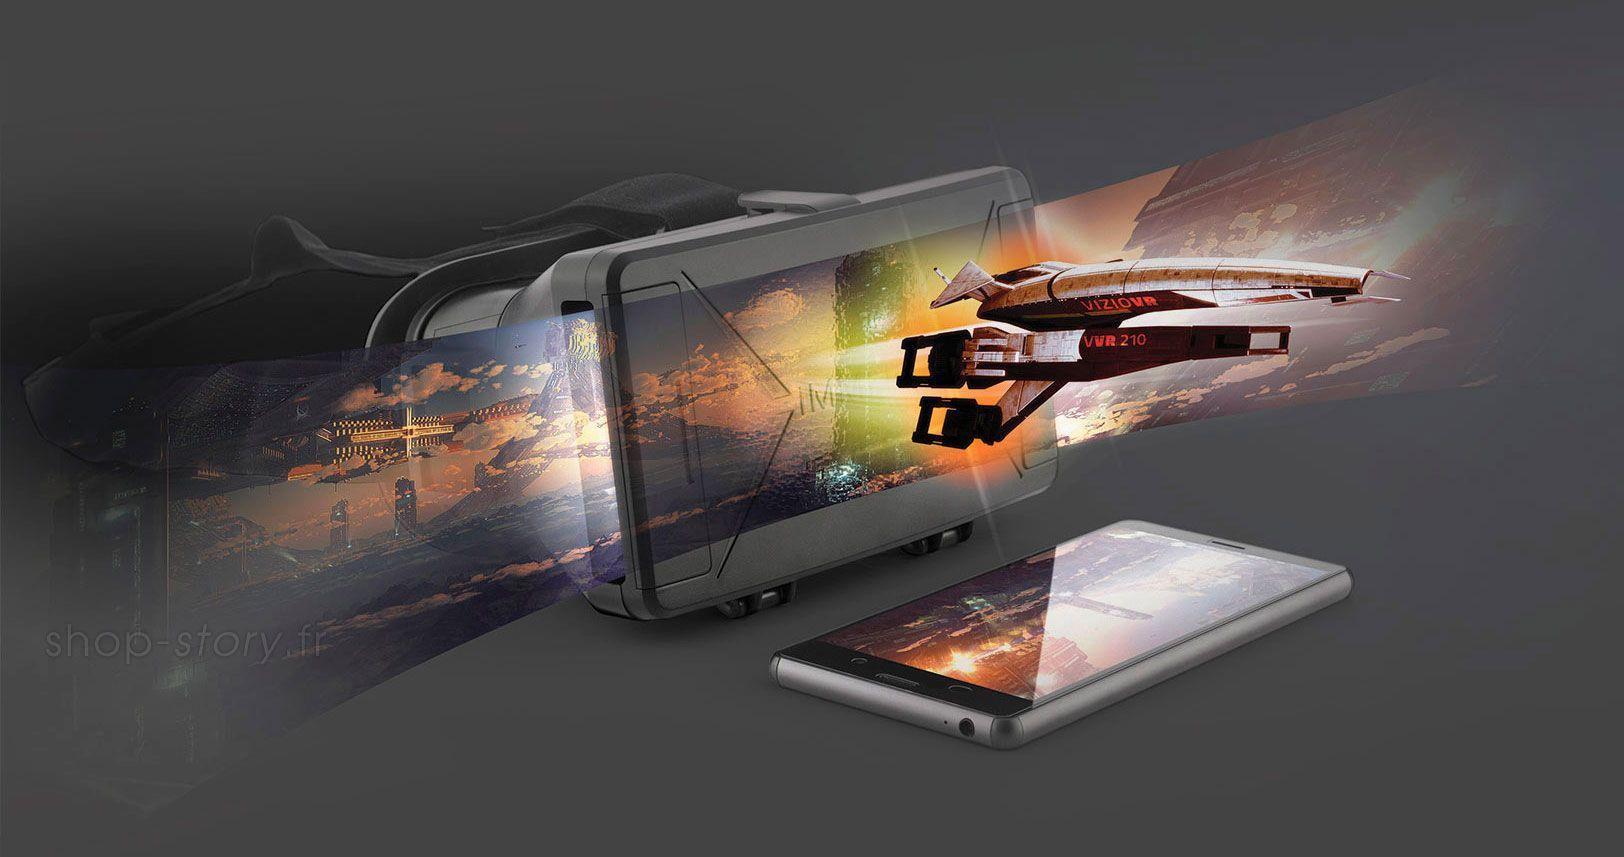 Masque Lunettes de Réalité Augmentée pour une Expérience Immersive en 3D.